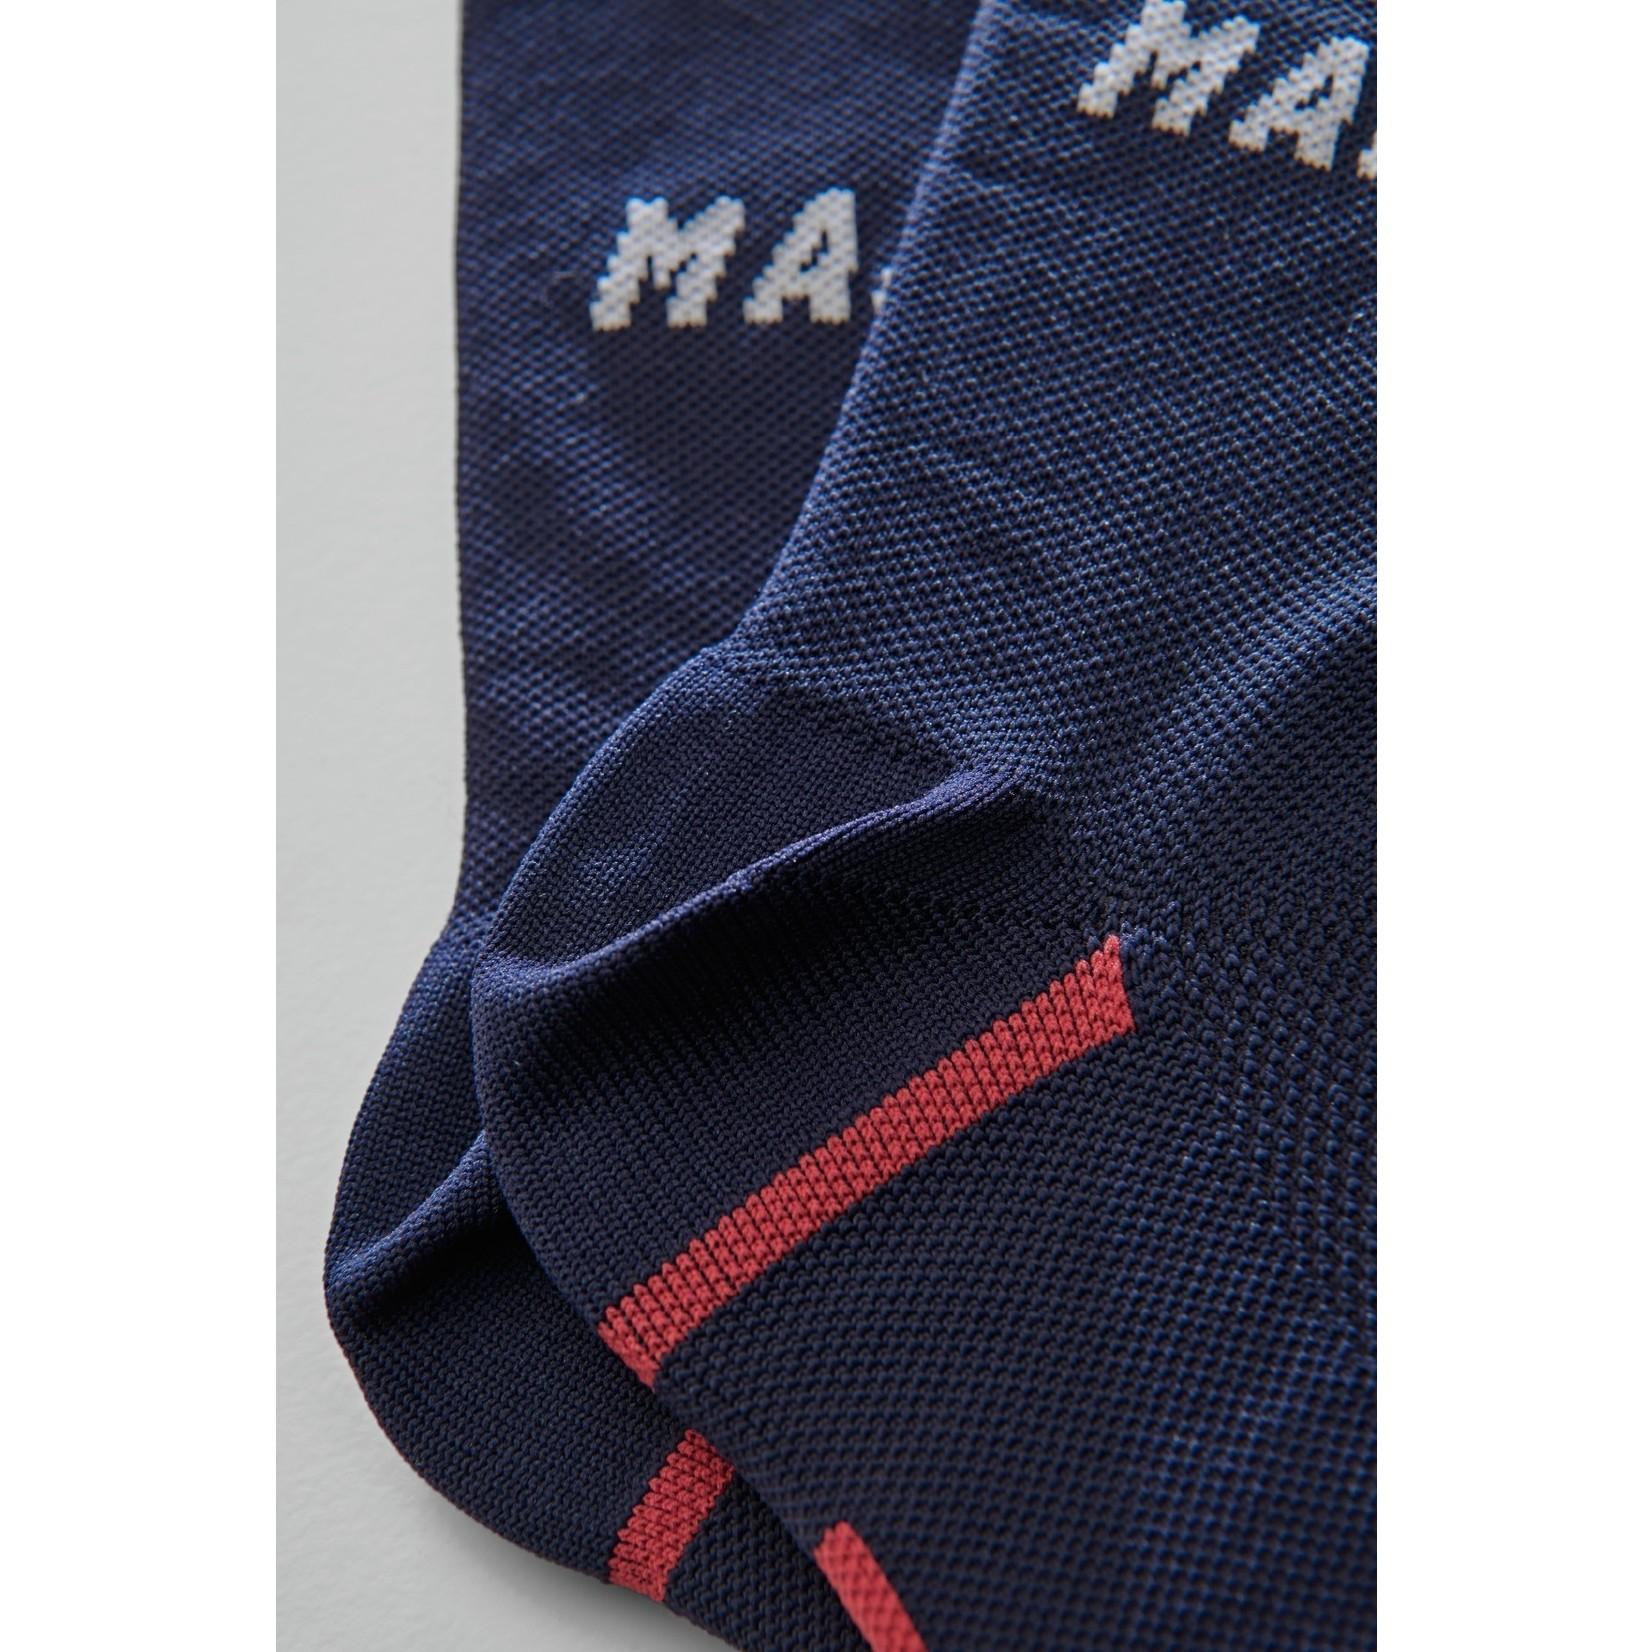 Maap MAAP - Alpha Sock - Navy